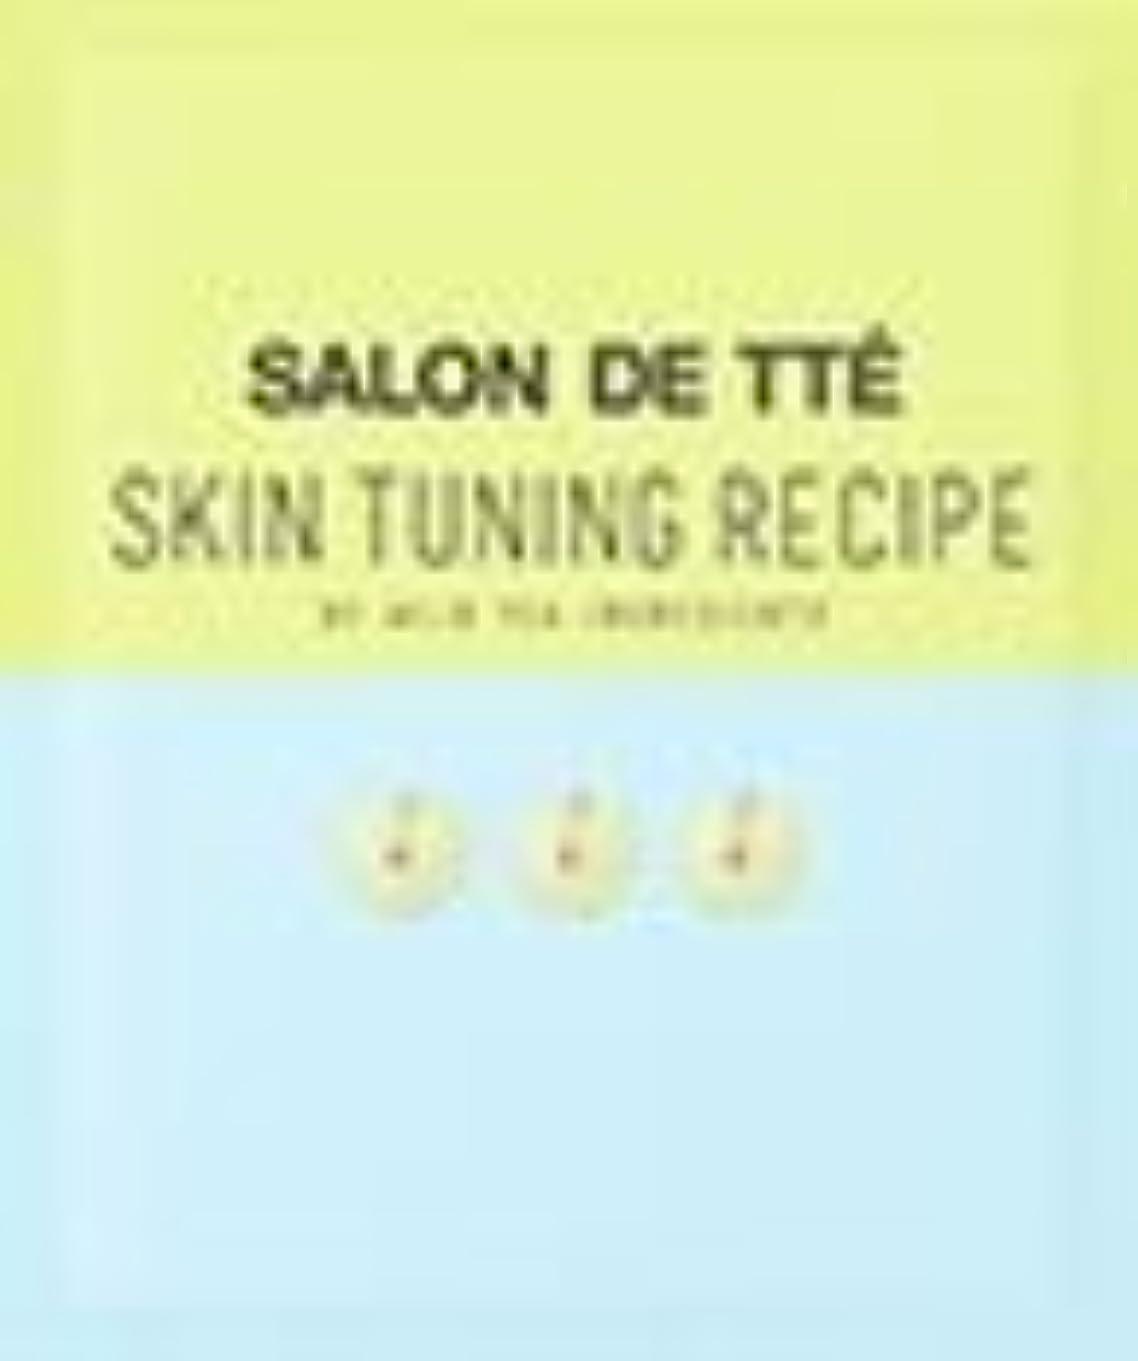 反射ワークショップバーマド[NEW Season4] WONDER BATH Salon De Tte APPLE EDTION 7g/ワンダーバス サロン ド テ アップルエディション 7g (#10枚入り) [並行輸入品]